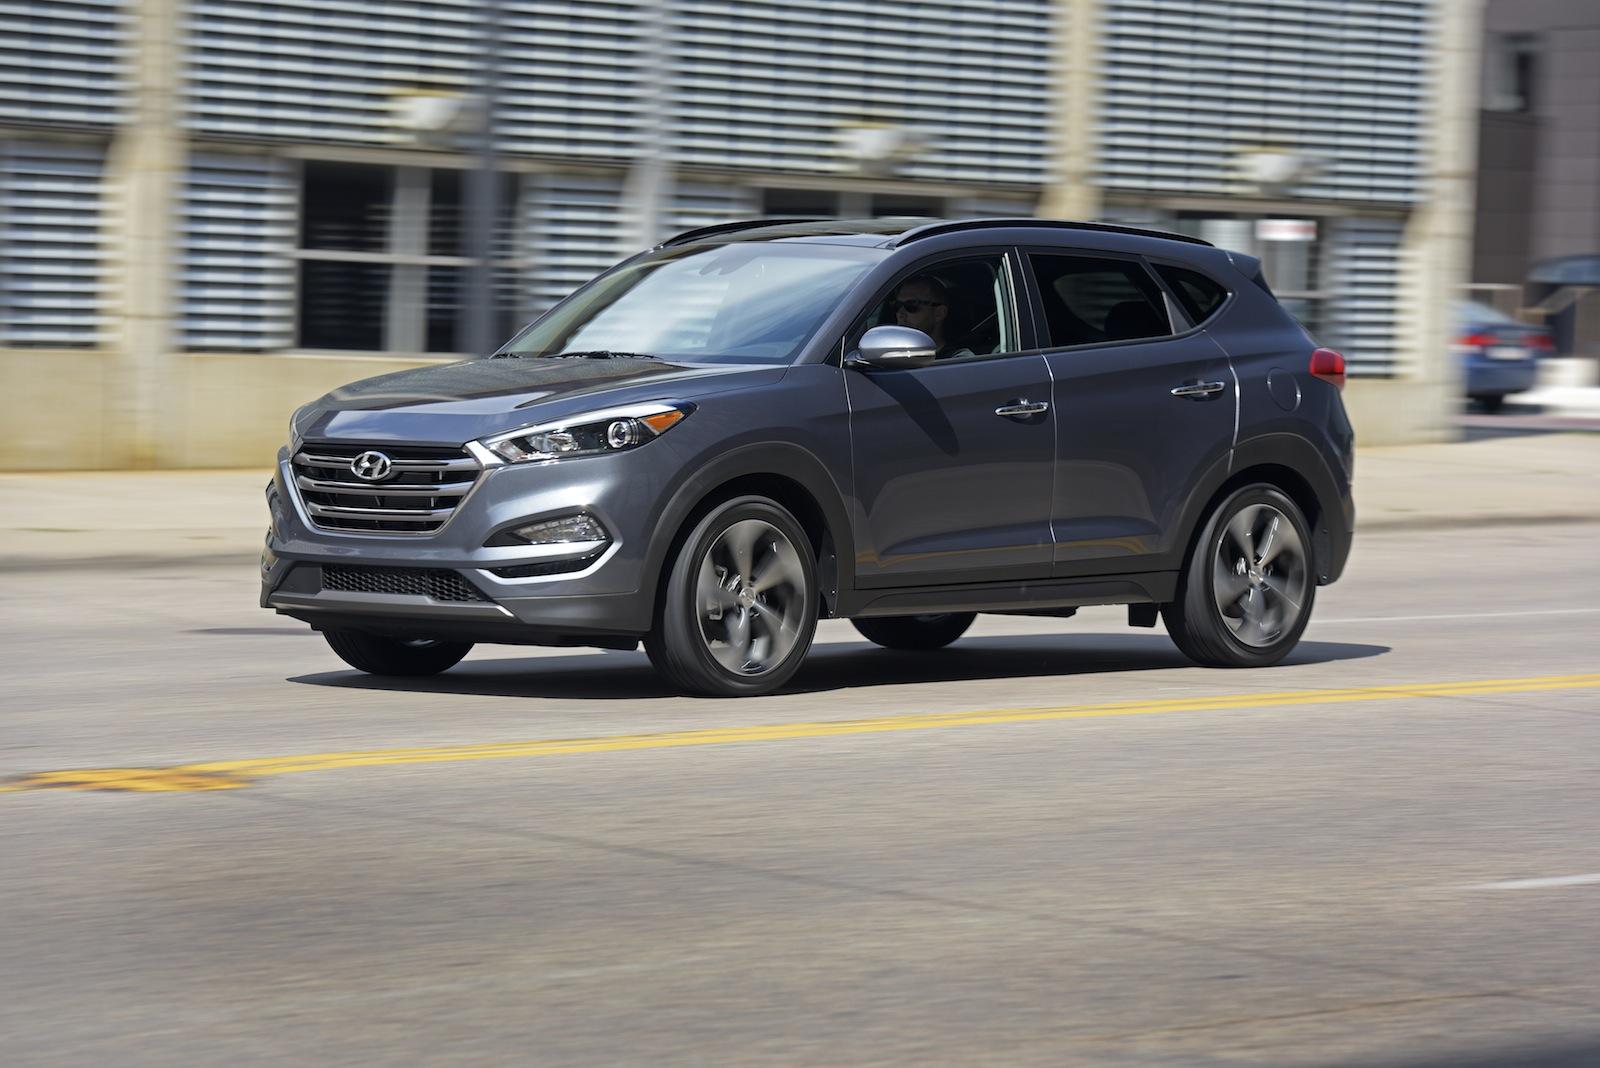 TOP dòng xe xứng đáng để bạn mua trong năm 2016